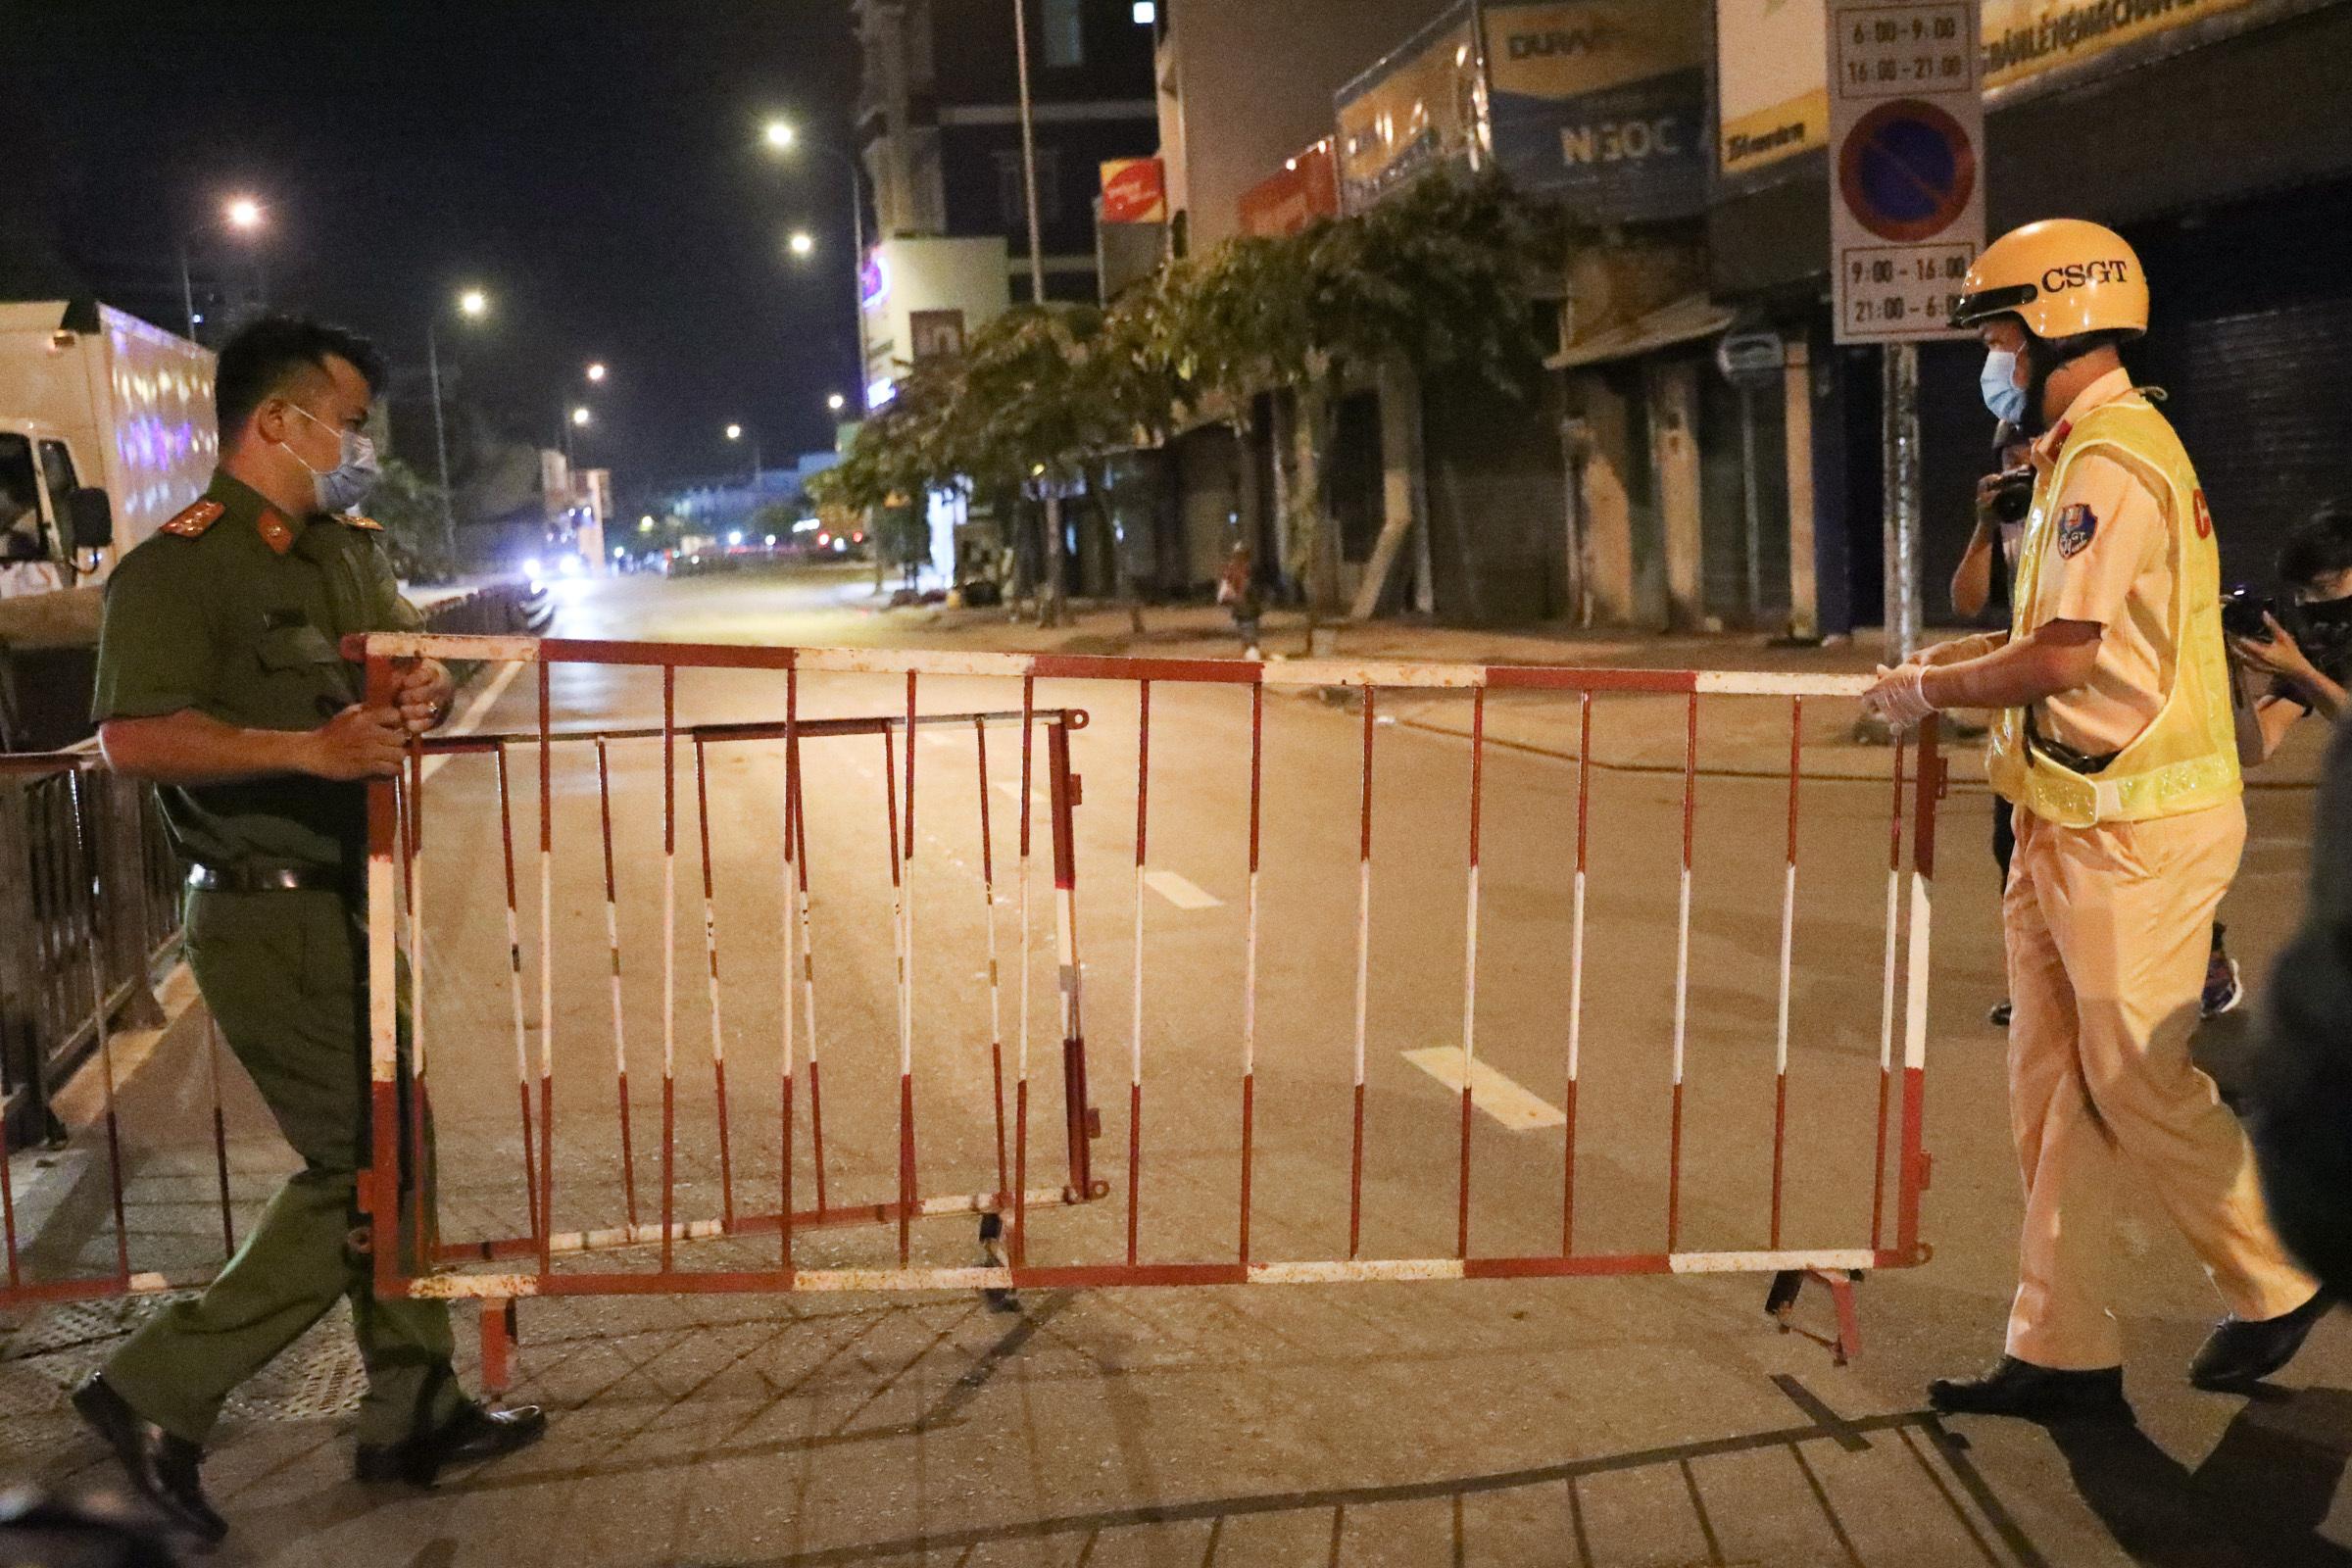 Đúng 0h ngày 31/5, Chốt kiểm soát được lập trên đường Phan Văn Trị, quận Gò Vấp. Ảnh: Quỳnh Trần